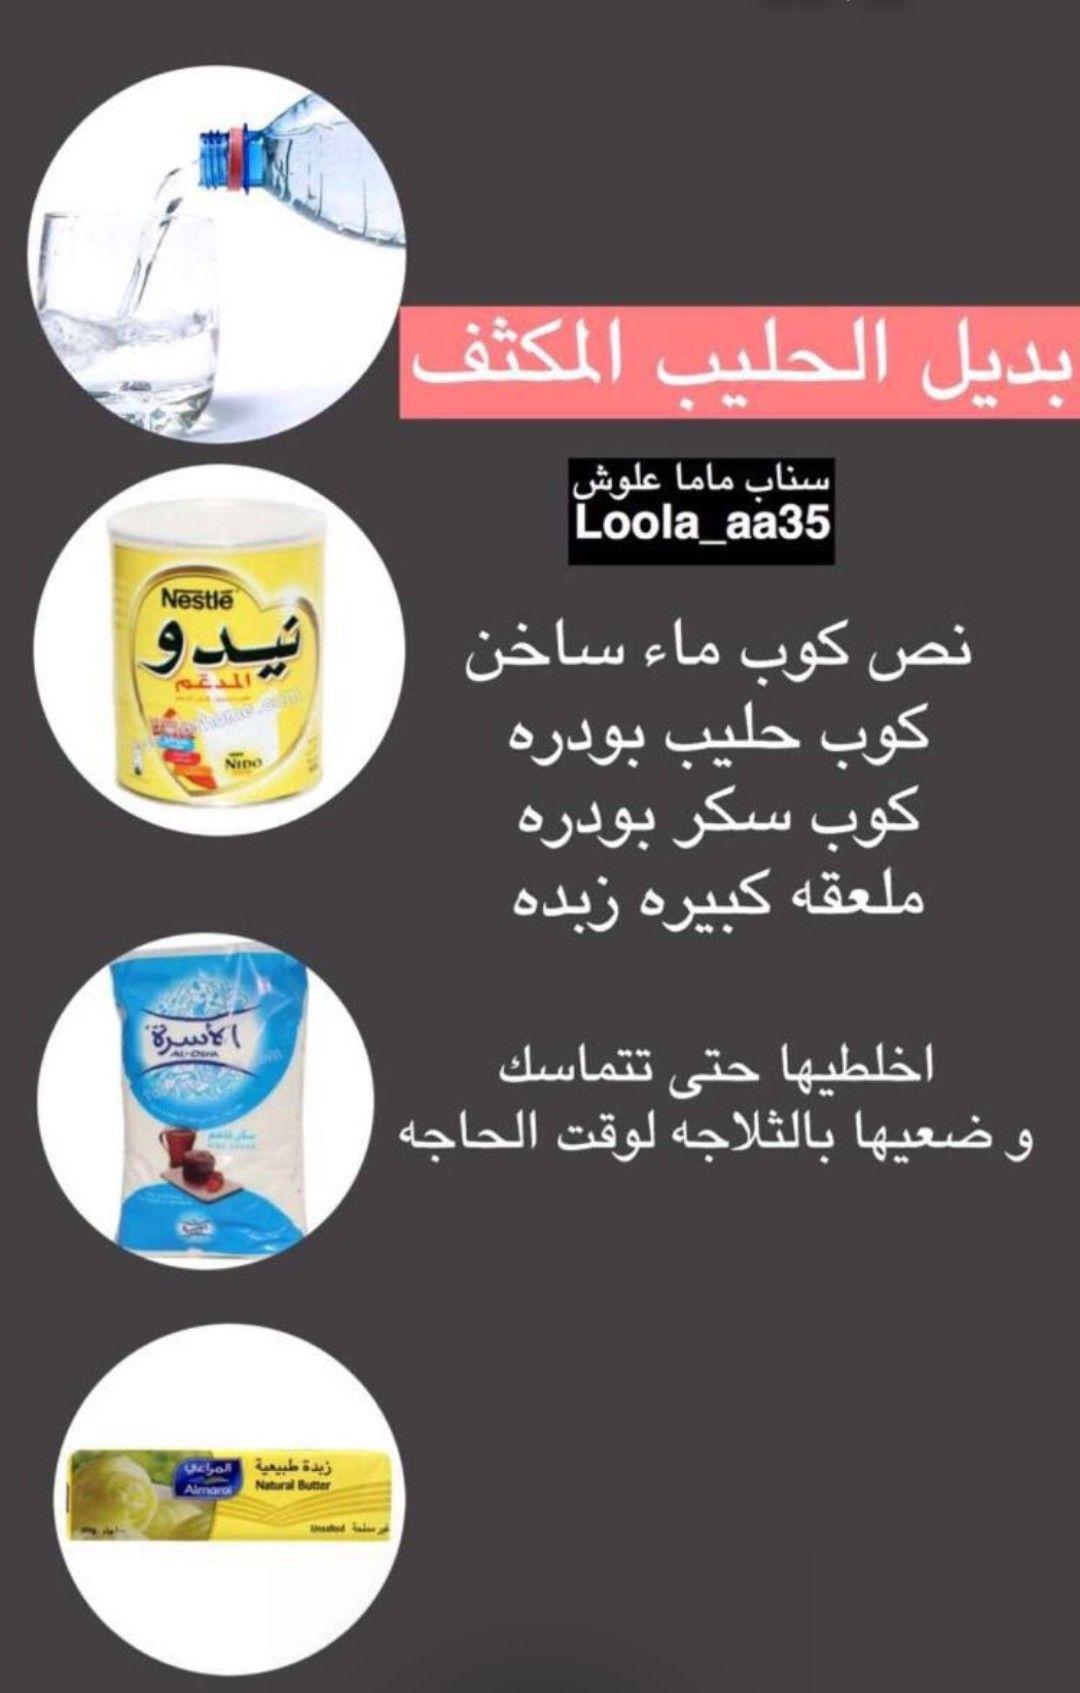 Pin By أميرة المسك الأبيض On Arabic Food Food Receipes Cooking Basics Arabic Food